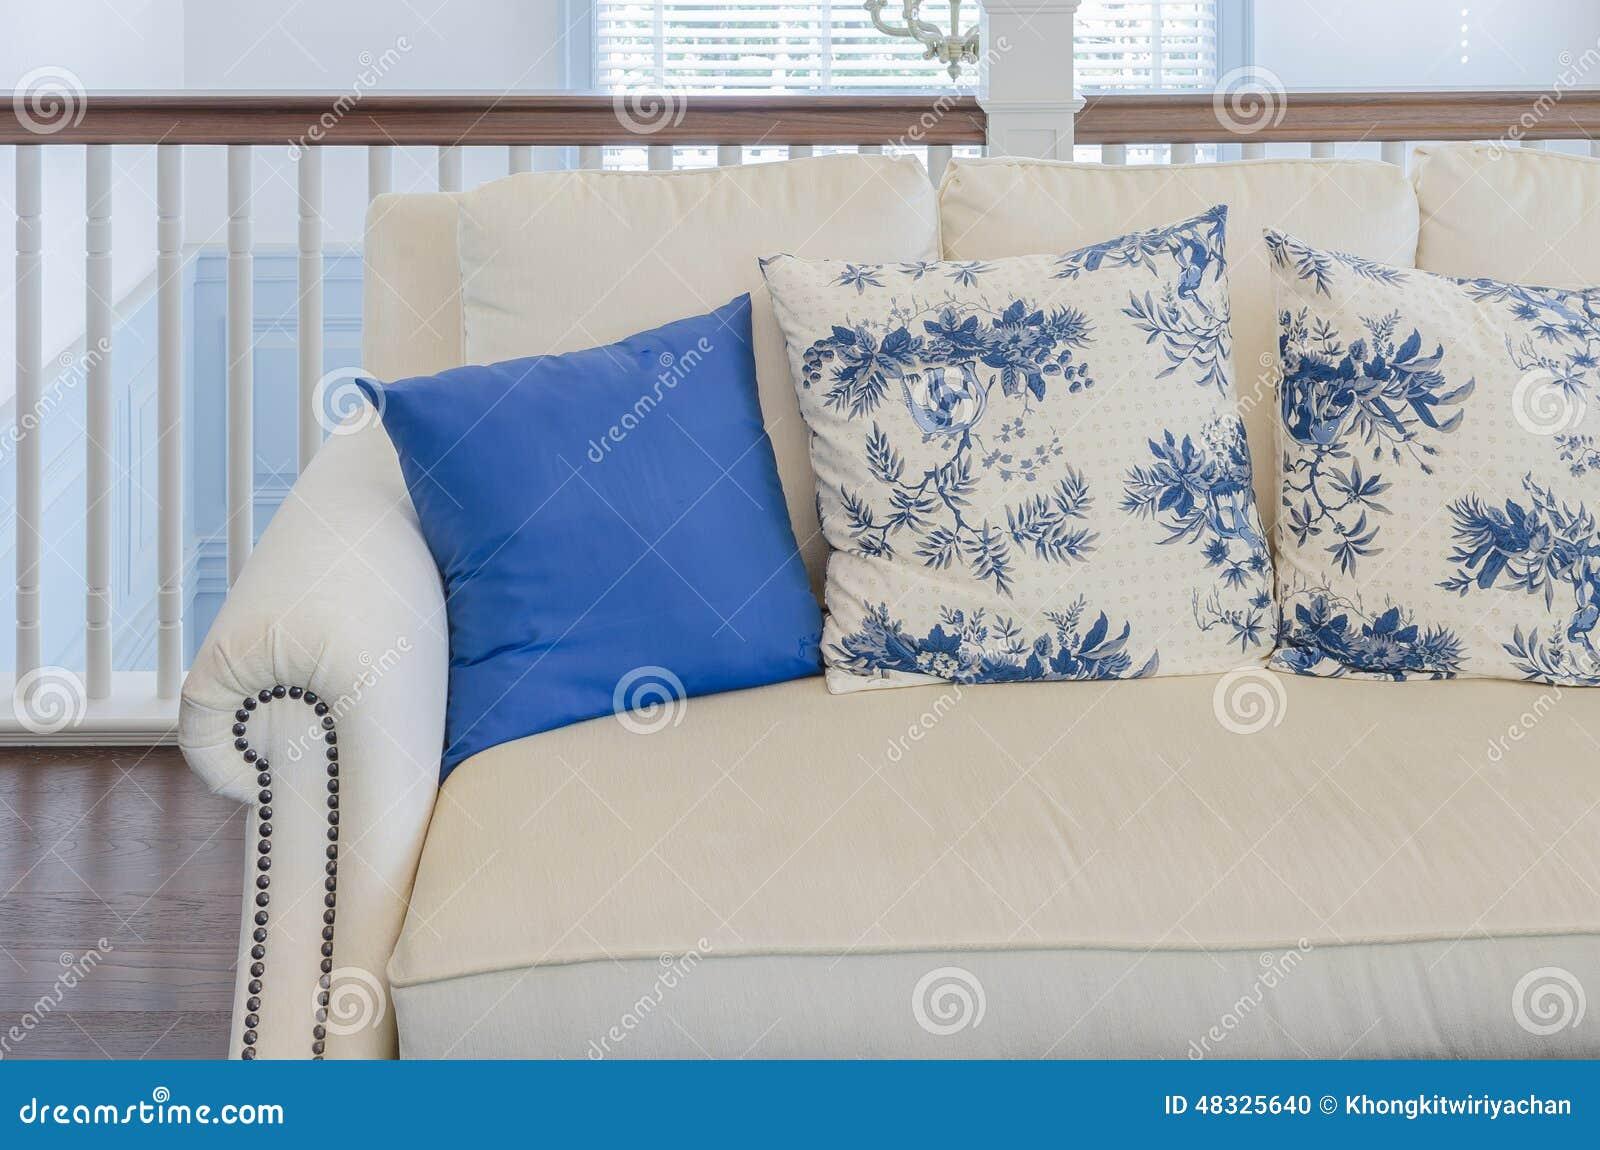 Blaues Kissen Auf Beige Sofa Im Luxuswohnzimmer Stockfoto Bild Von Beige Luxuswohnzimmer 48325640